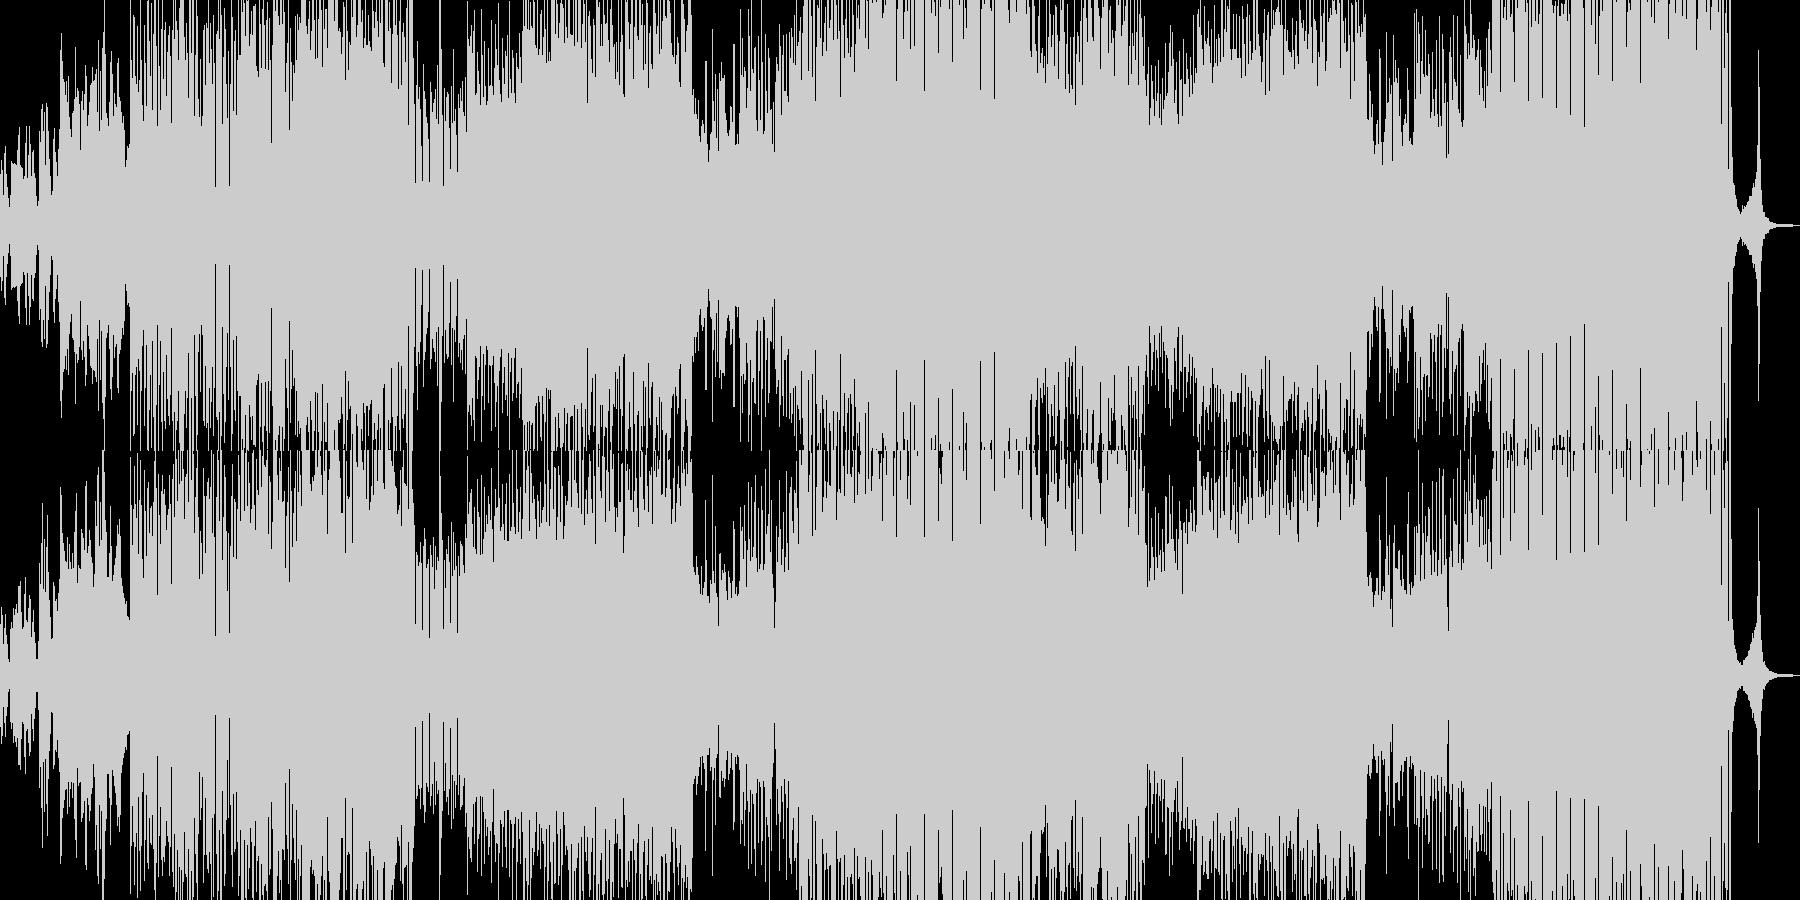 闇・忍び寄る恐怖がテーマのロックの未再生の波形